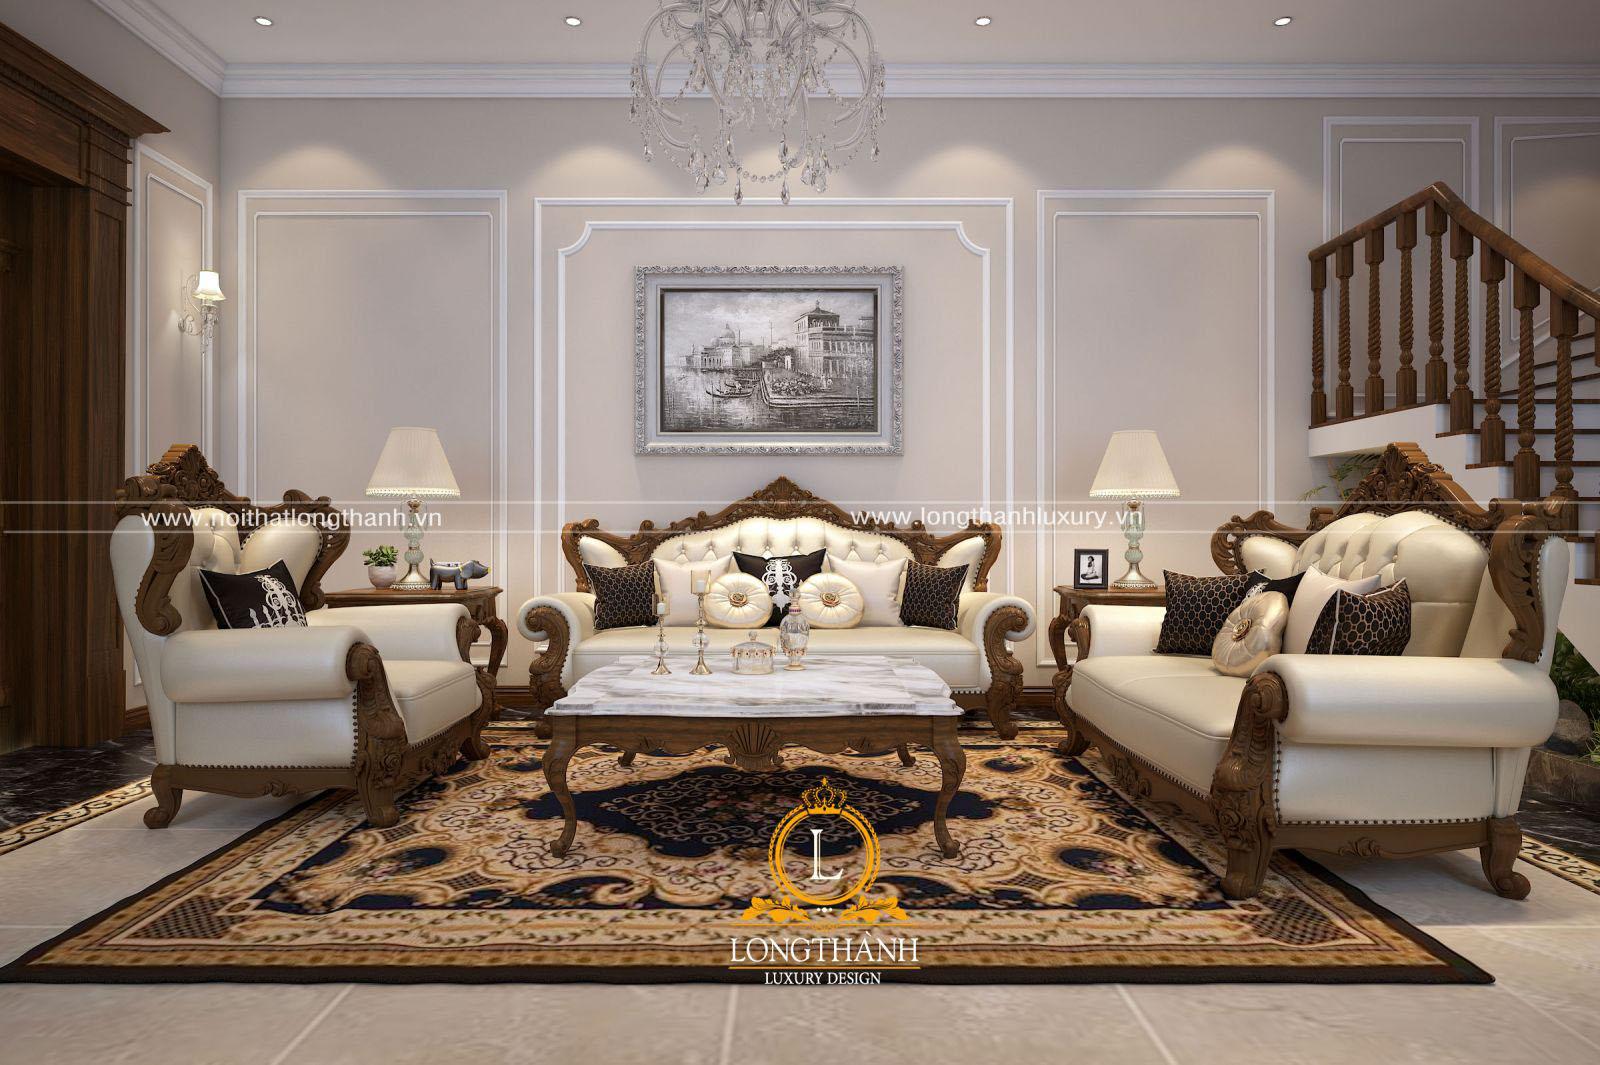 Mẫu sofa tân cổ điển đẹp LT12 góc nhìn thứ 1